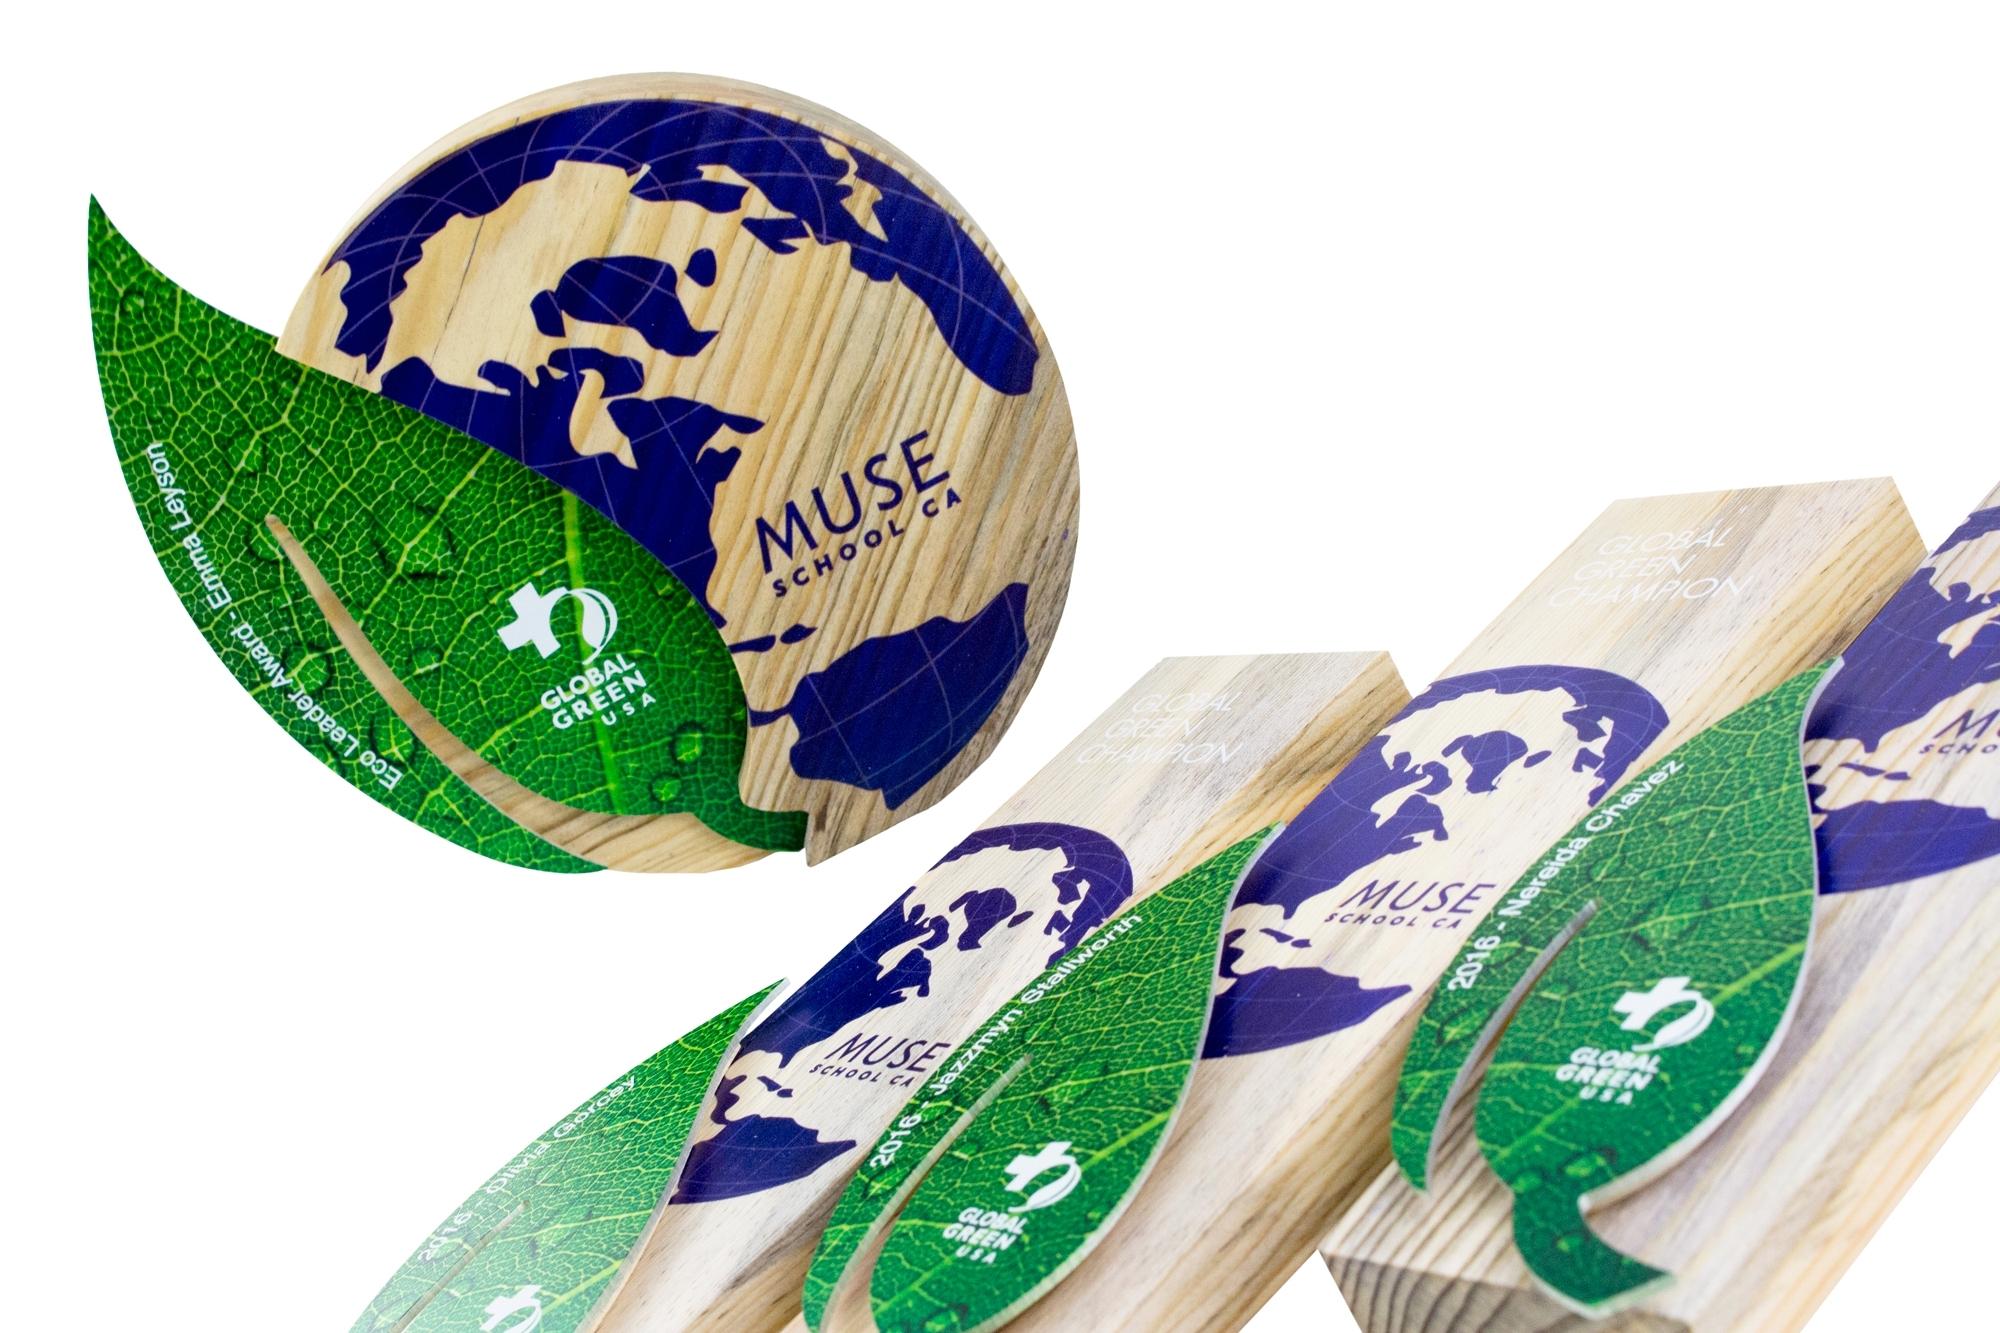 global green pre-oscar awards eco design